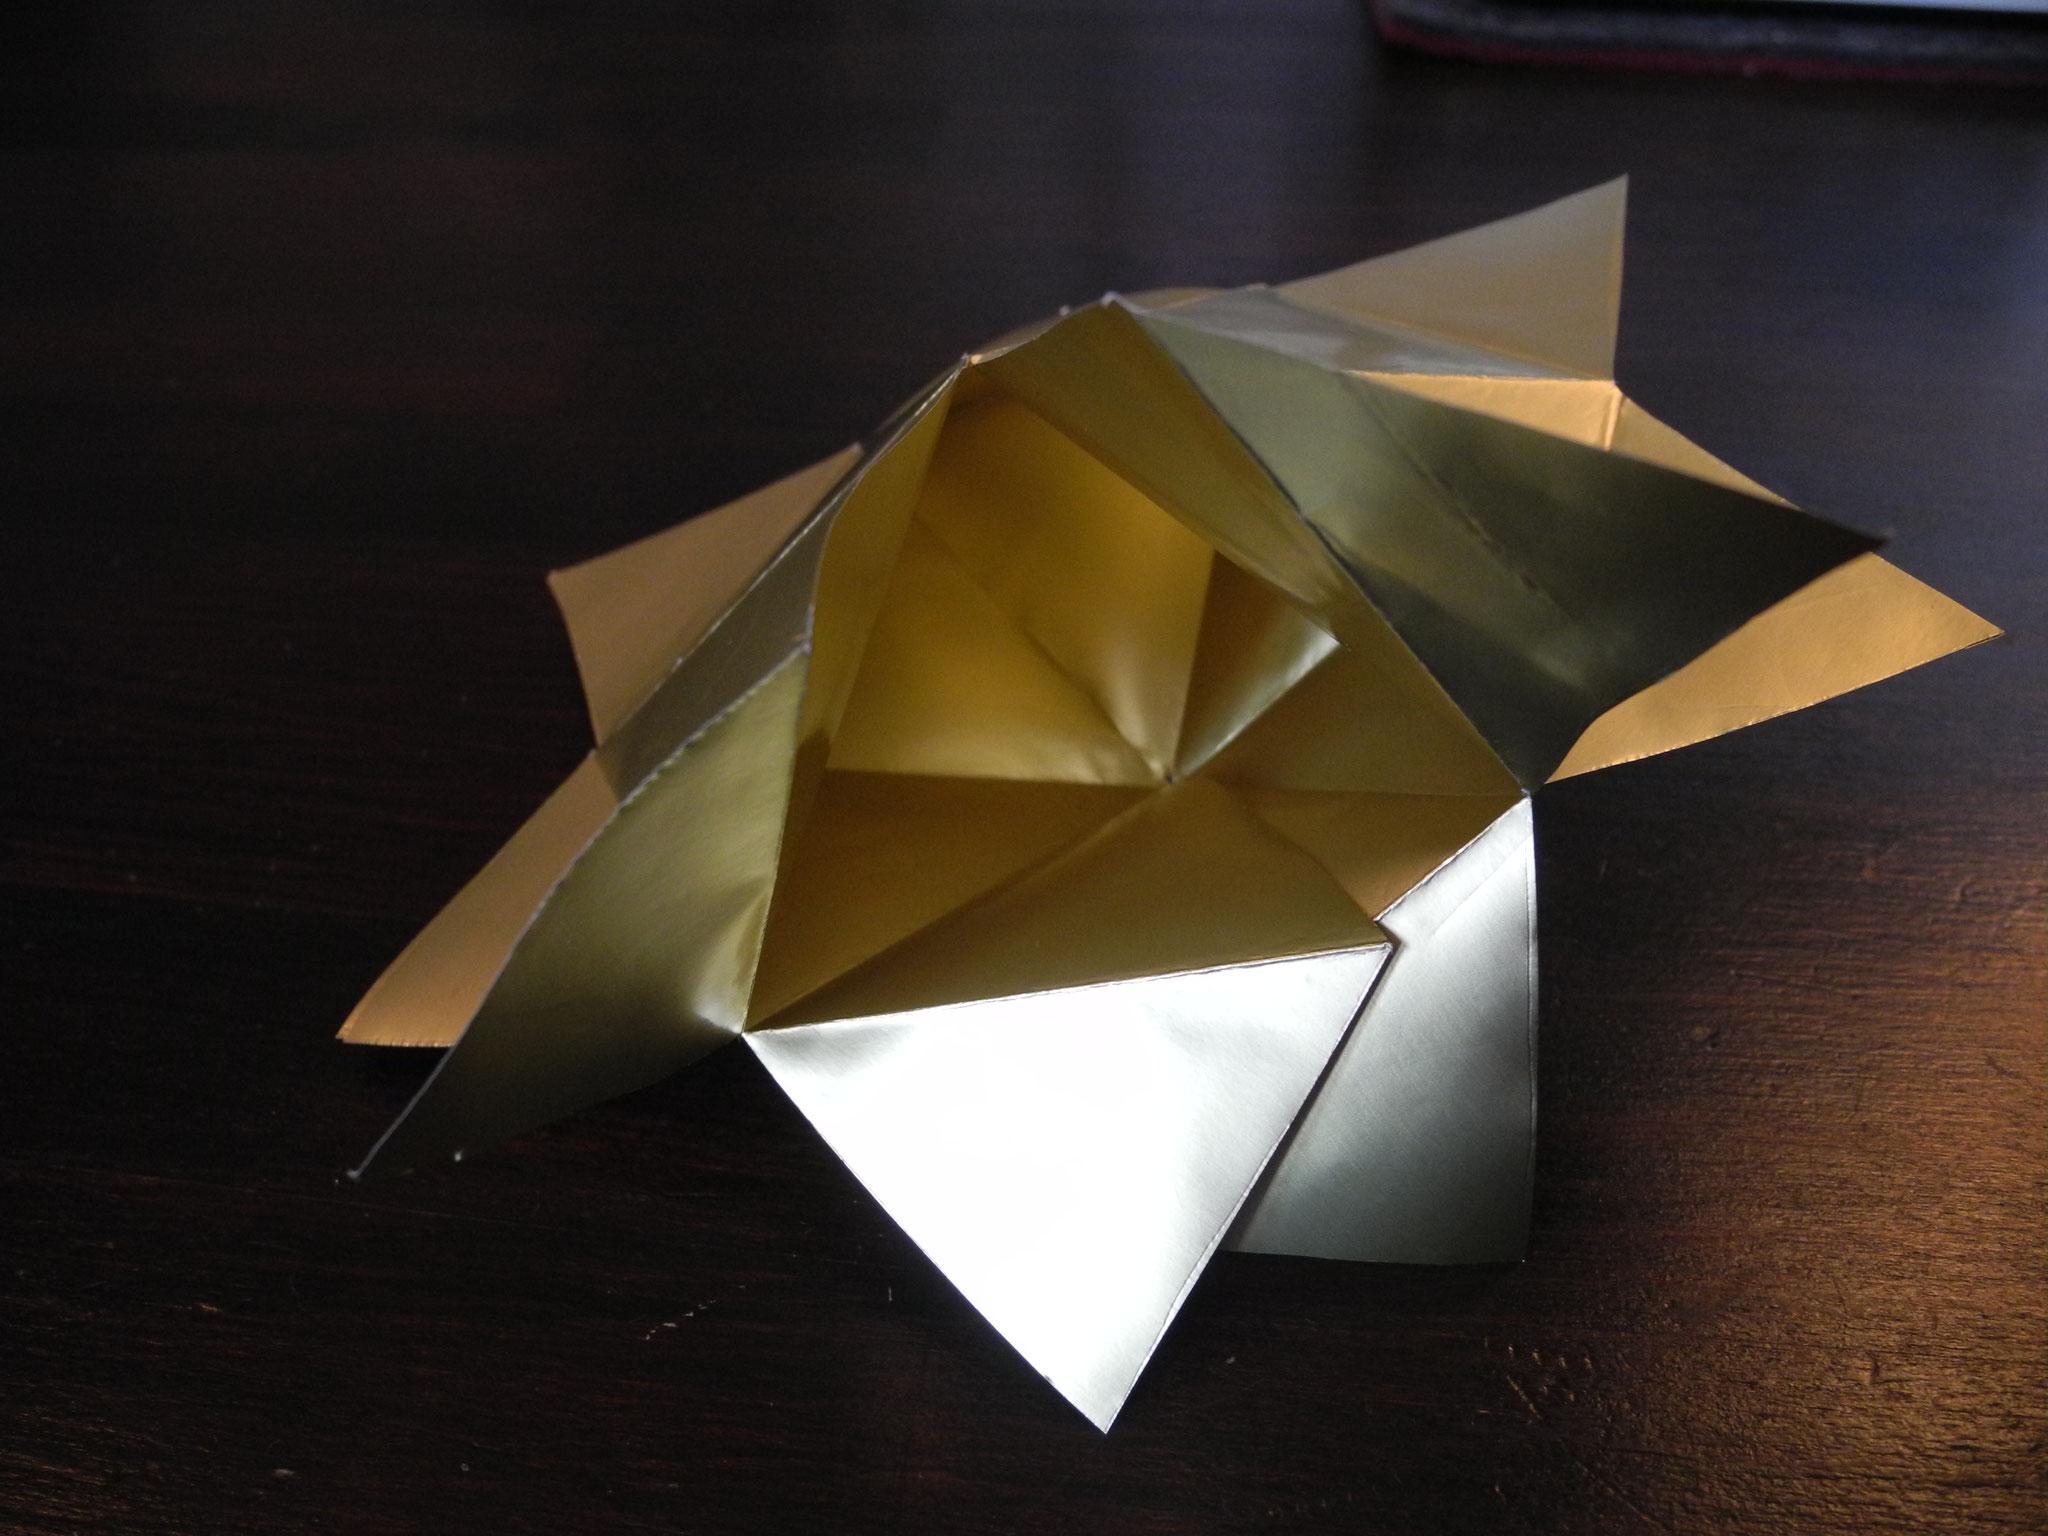 Vier Zacken die nun übereinander liegen können als Öffnung zum Befüllen dienen